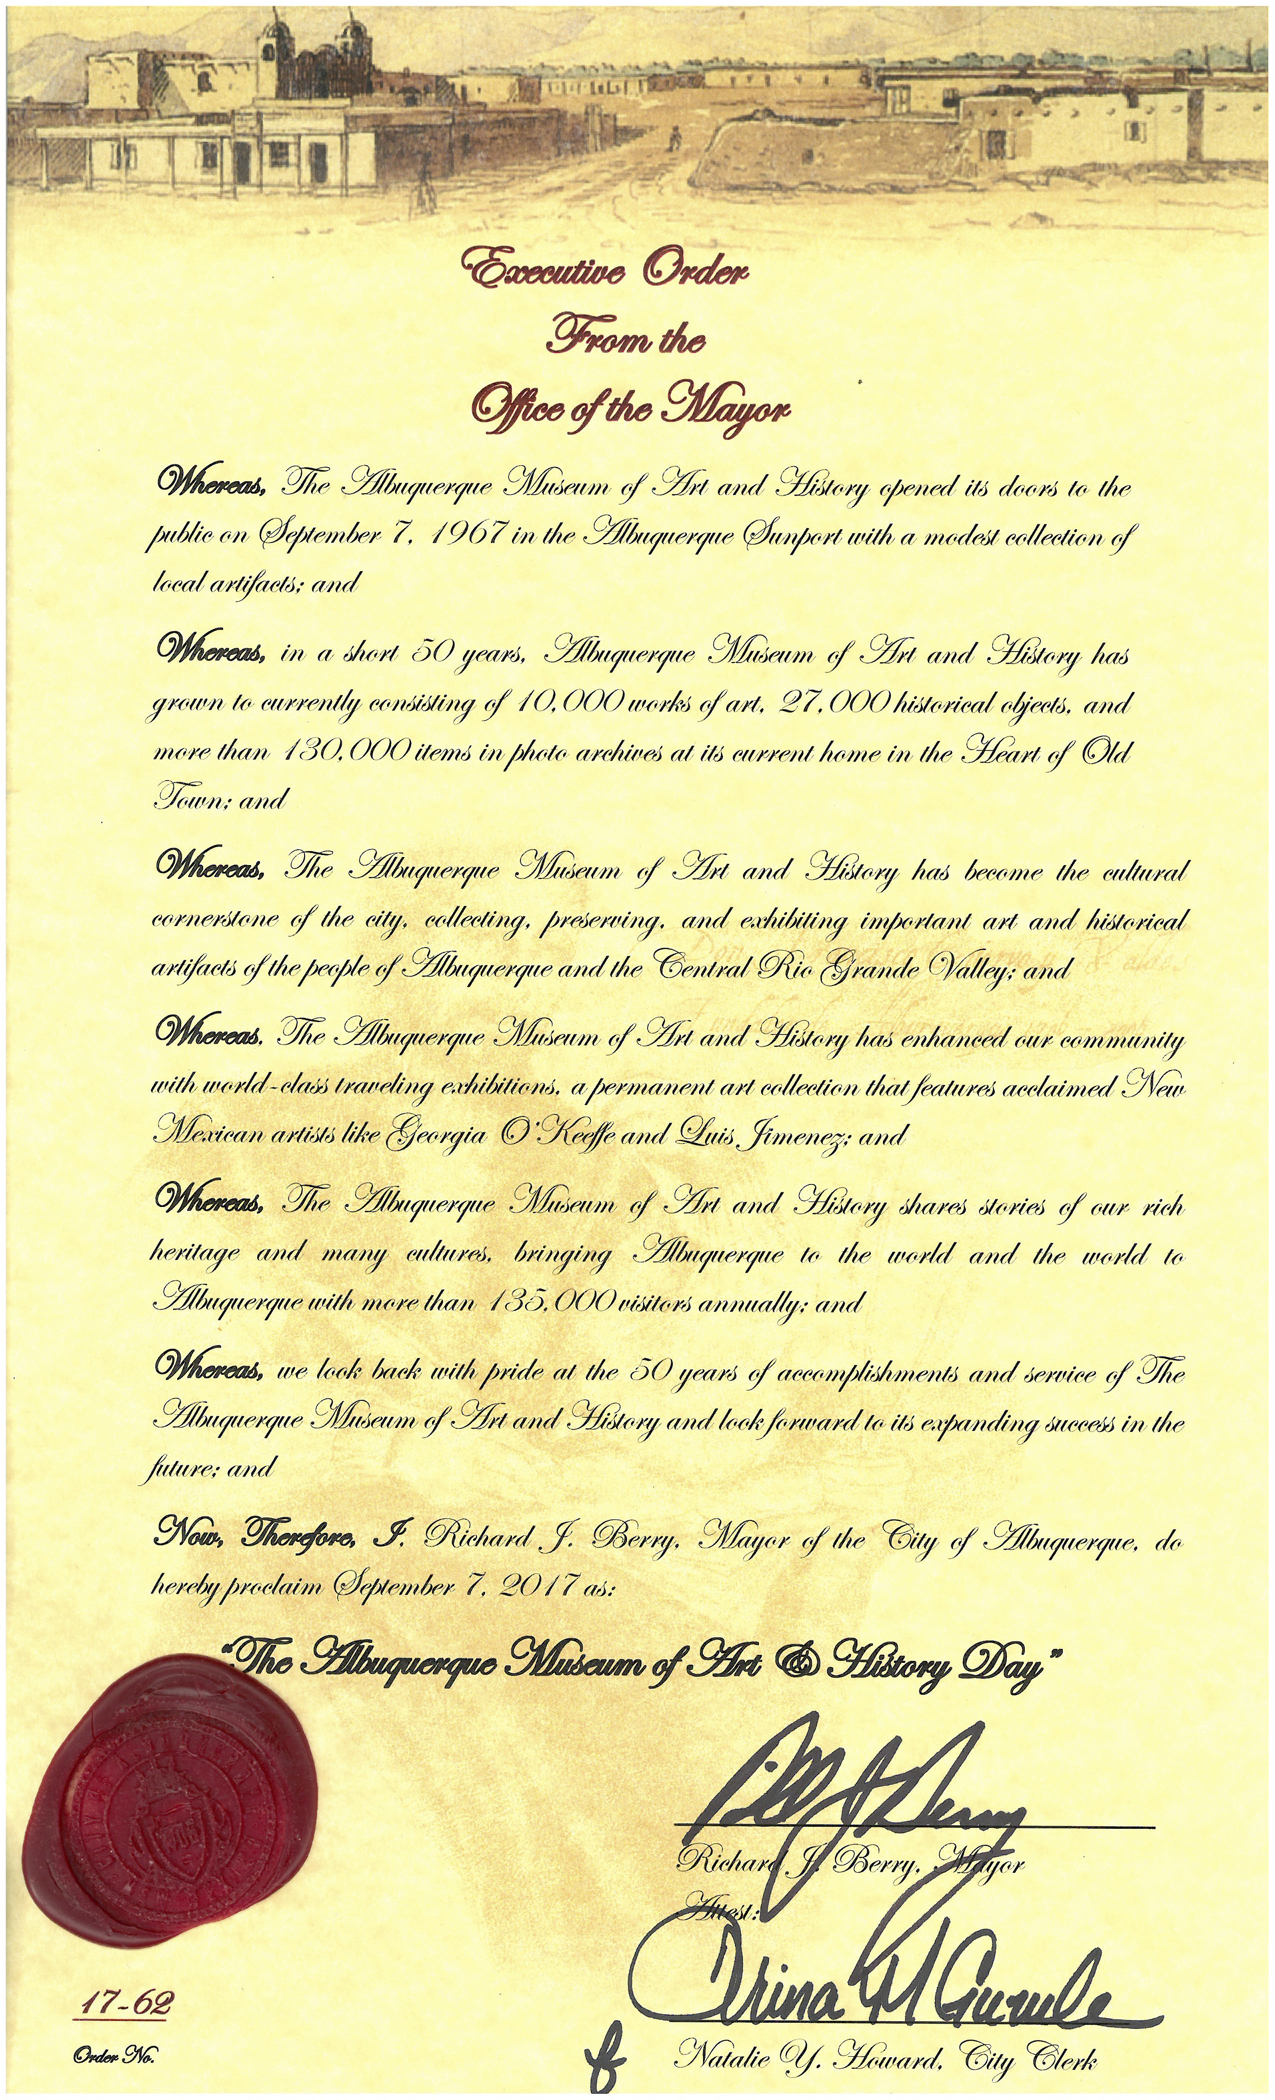 Albuquerque Museum Day Executive Order